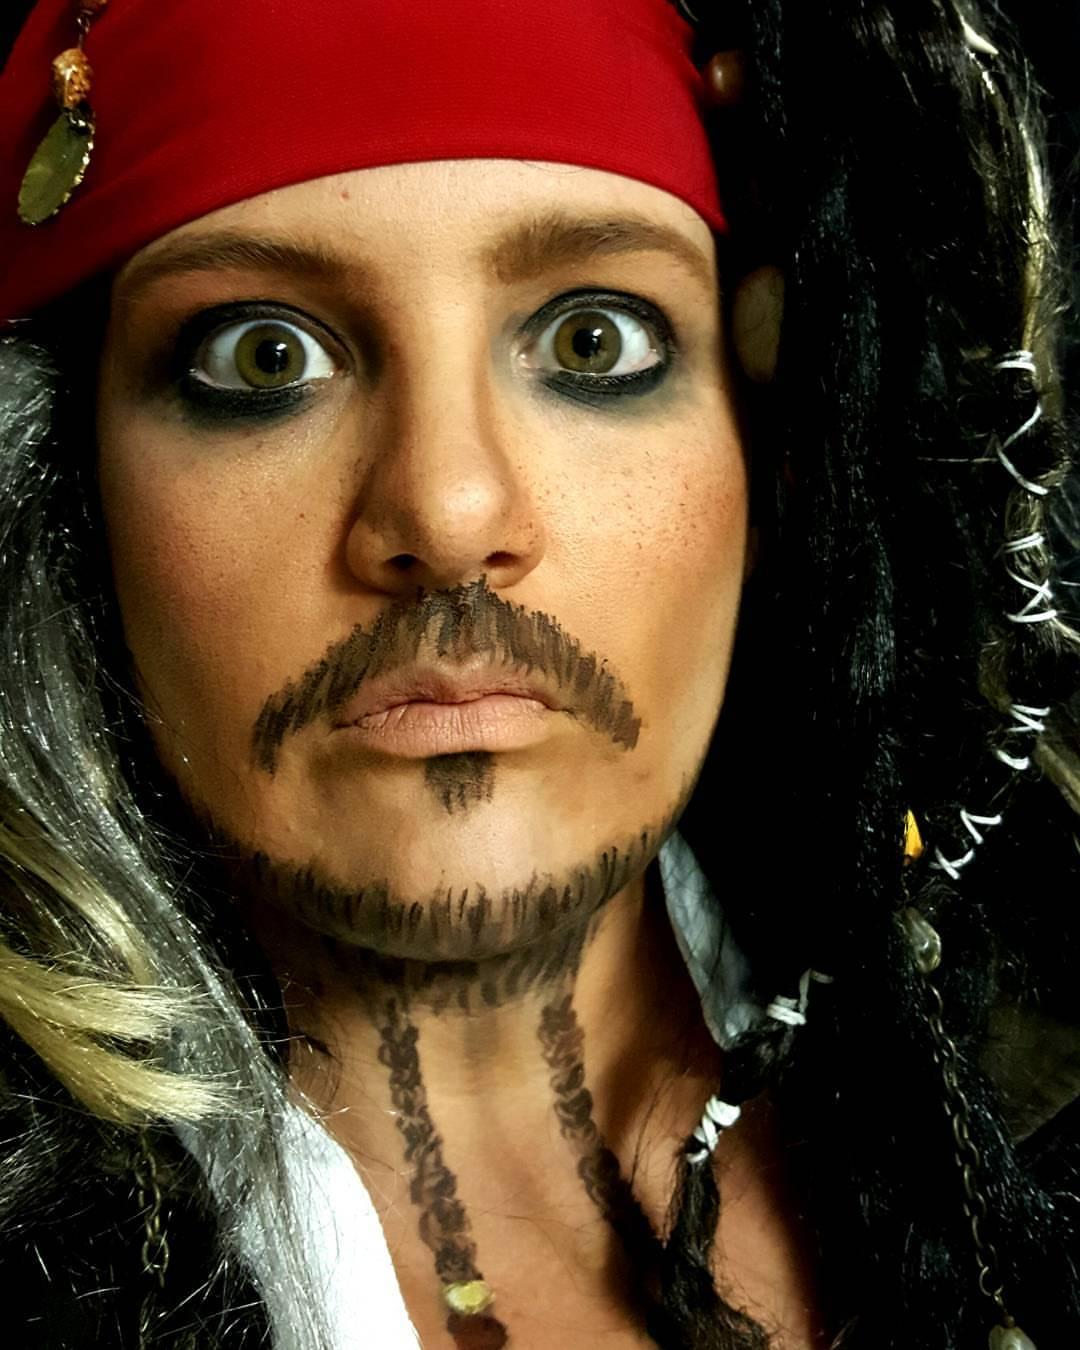 Jack Sparrow Halloween Face Paint